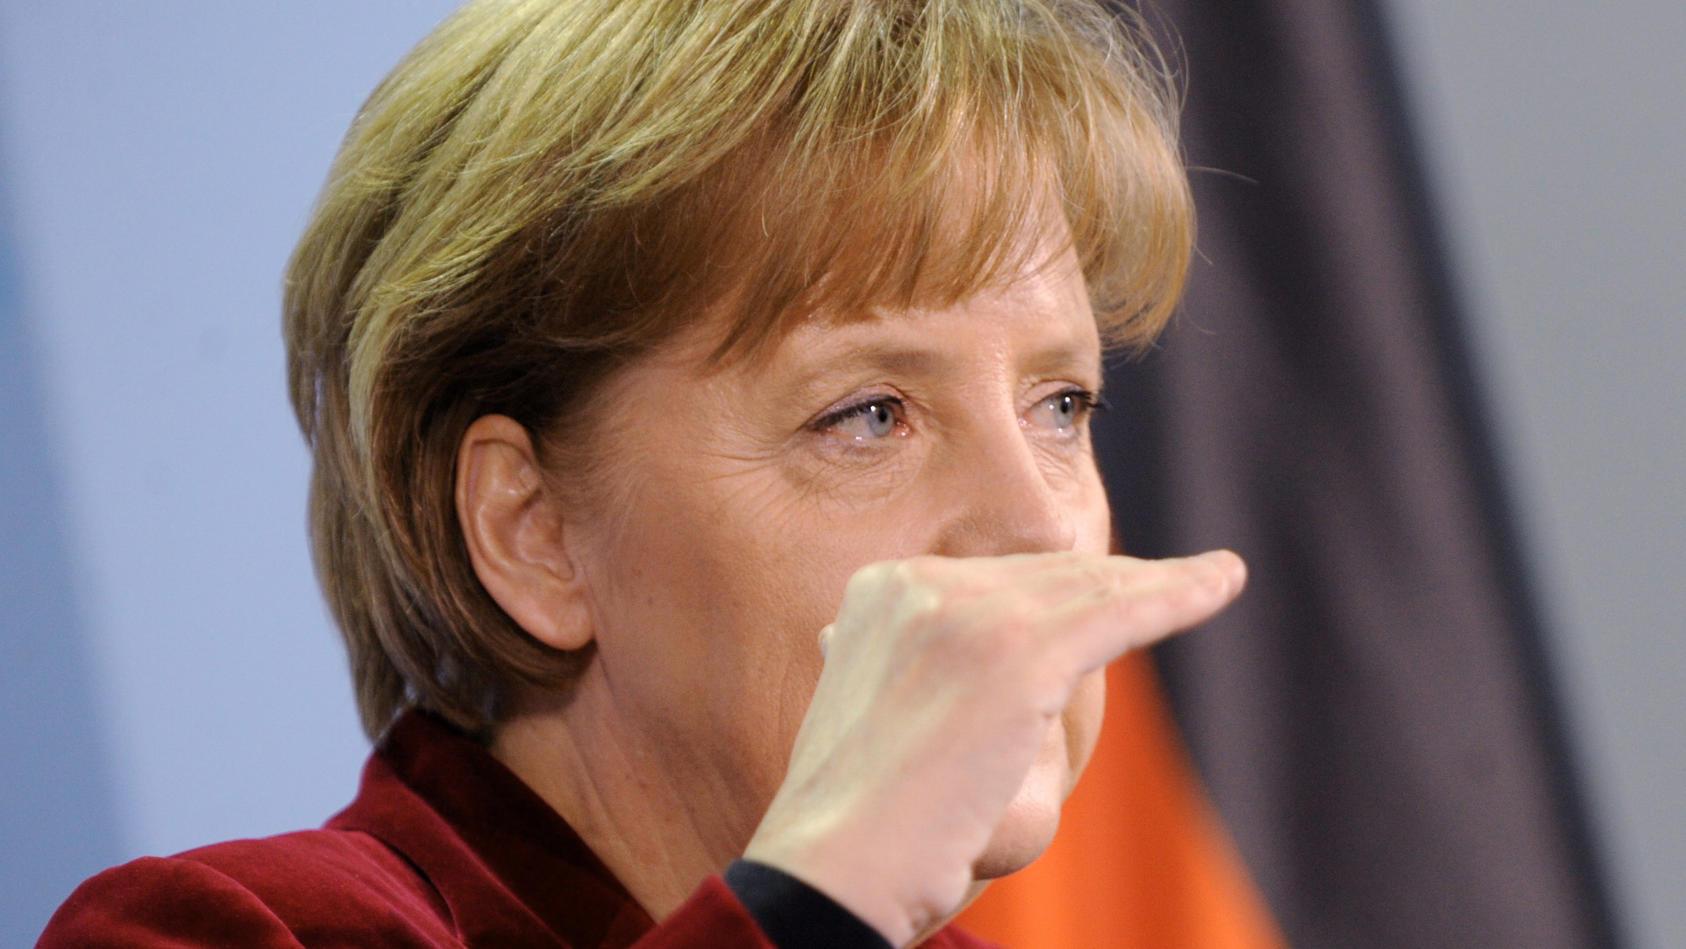 Angela Merkel: Bilanz einer Kanzlerschaft